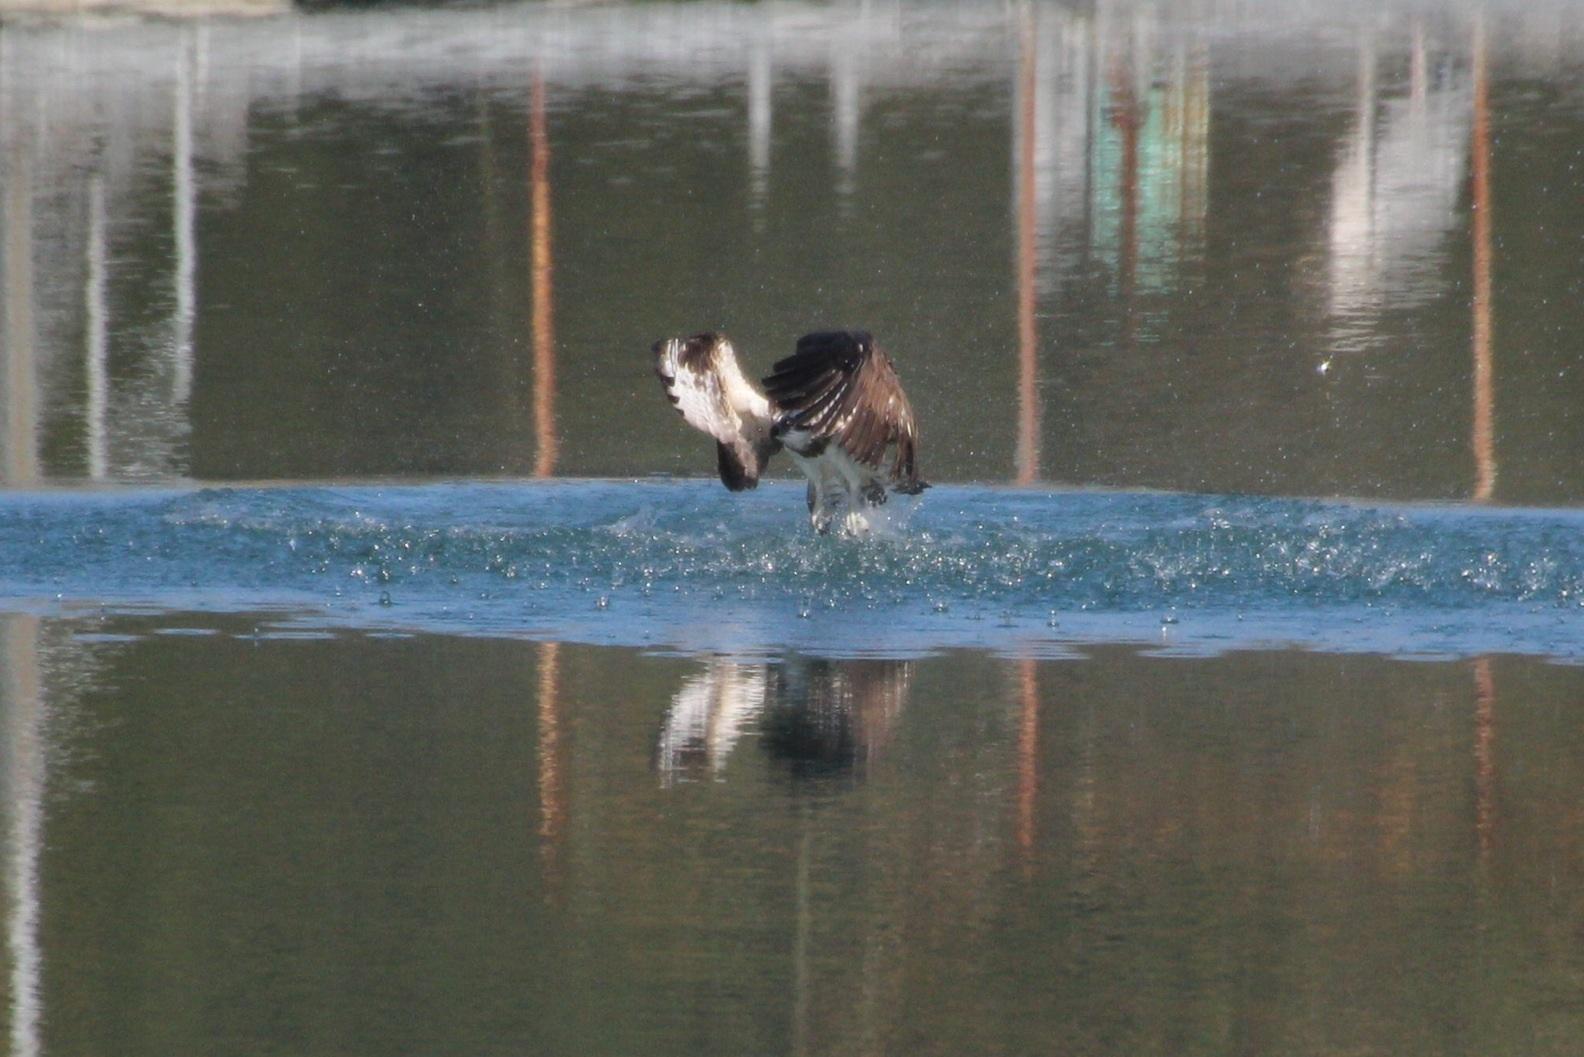 2013.12.3 オープニングはミサゴのダイブ・早戸川林道・ミサゴ、ルリビタキ、ジョウビタキ、カイツブリ_c0269342_18514707.jpg